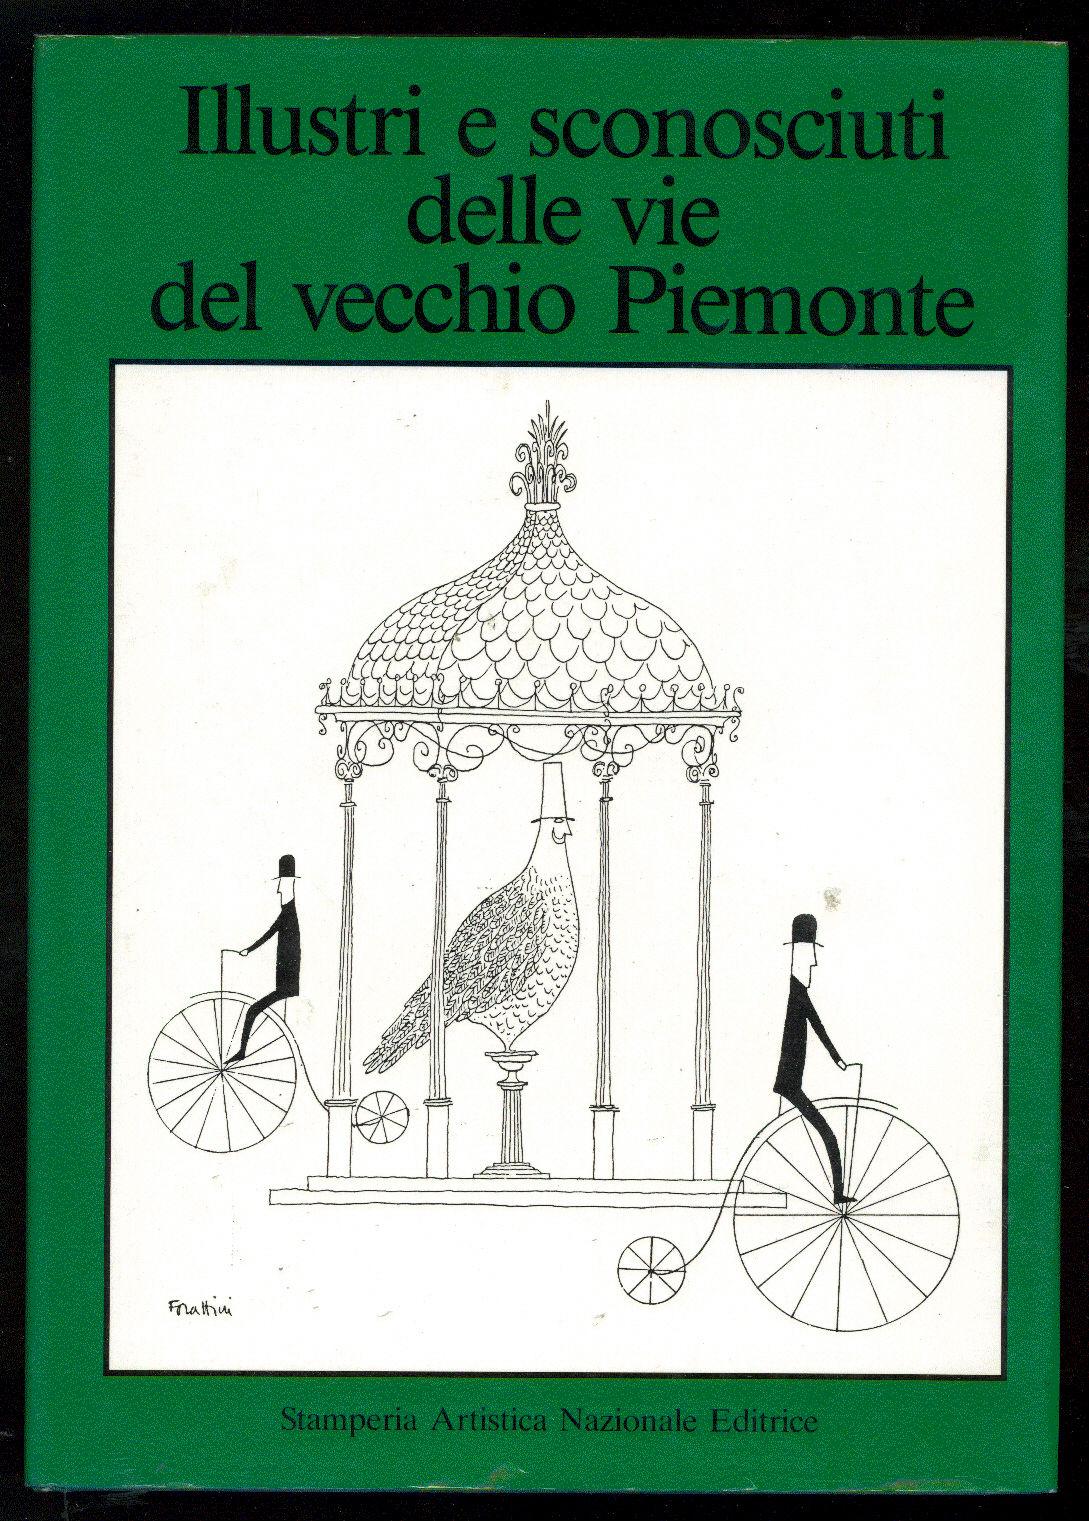 Illustri e sconosciuti delle vie del vecchio Piemonte